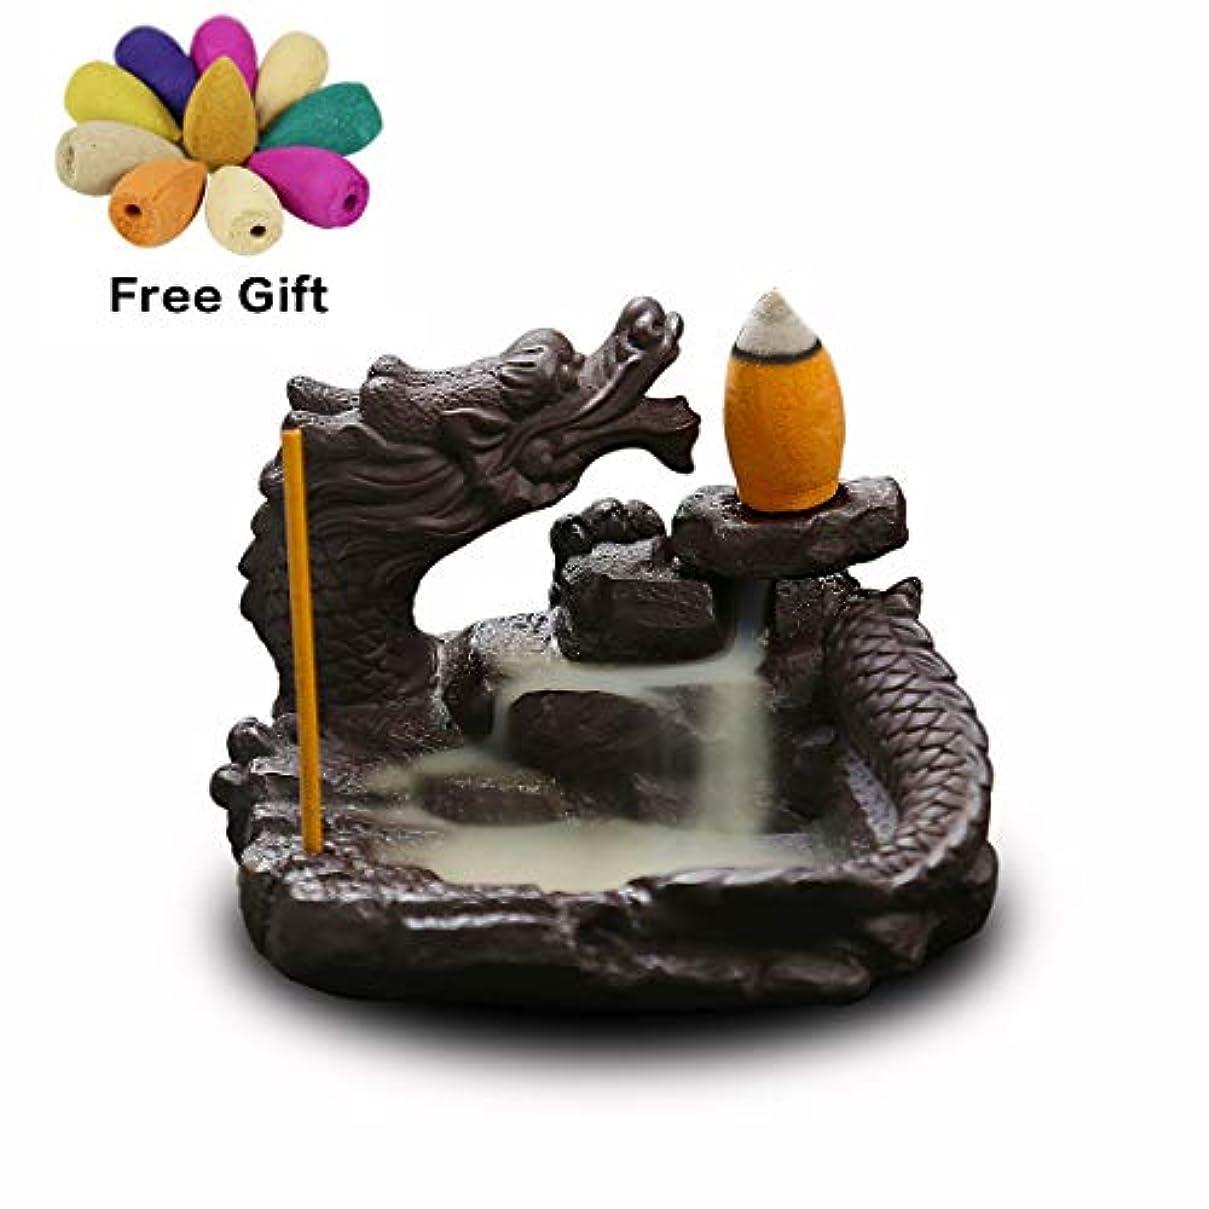 トピック宿る犯す(Style6) - OTOFY Mythical Dragon Backflow Incense Holder Figurine Incense Cone Holder Gothic Home Decor